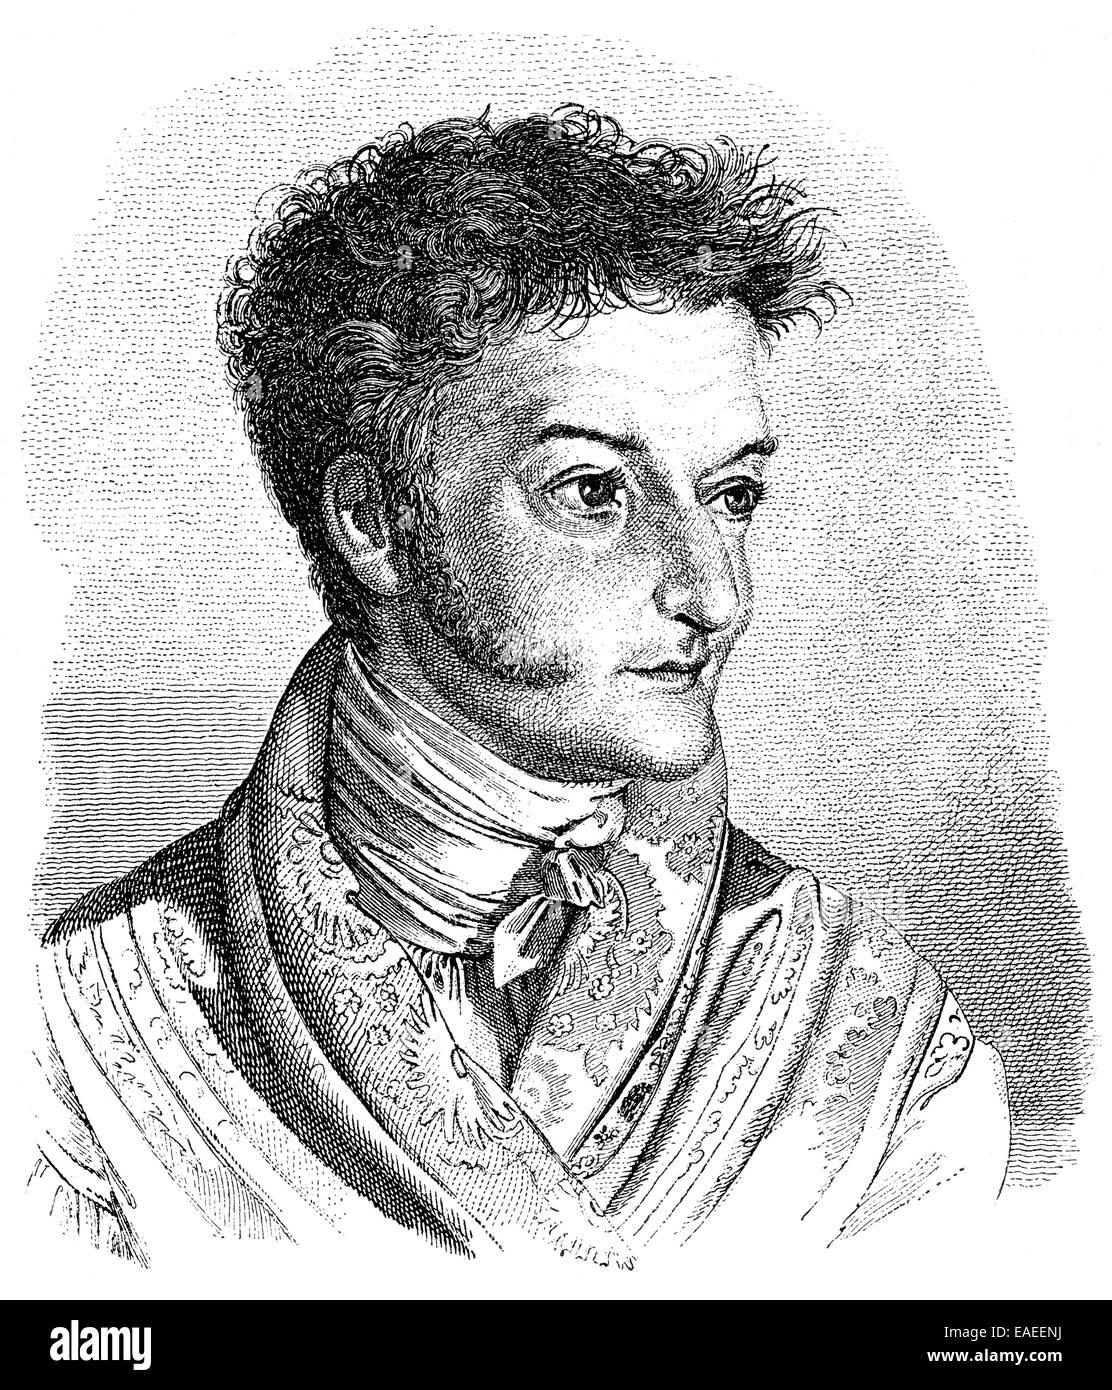 Ernst Theodor Amadeus Hoffmann oder E. T. A. Hoffmann, 1776-1822, eine deutsche romantische Autor von Fantasy und Stockbild